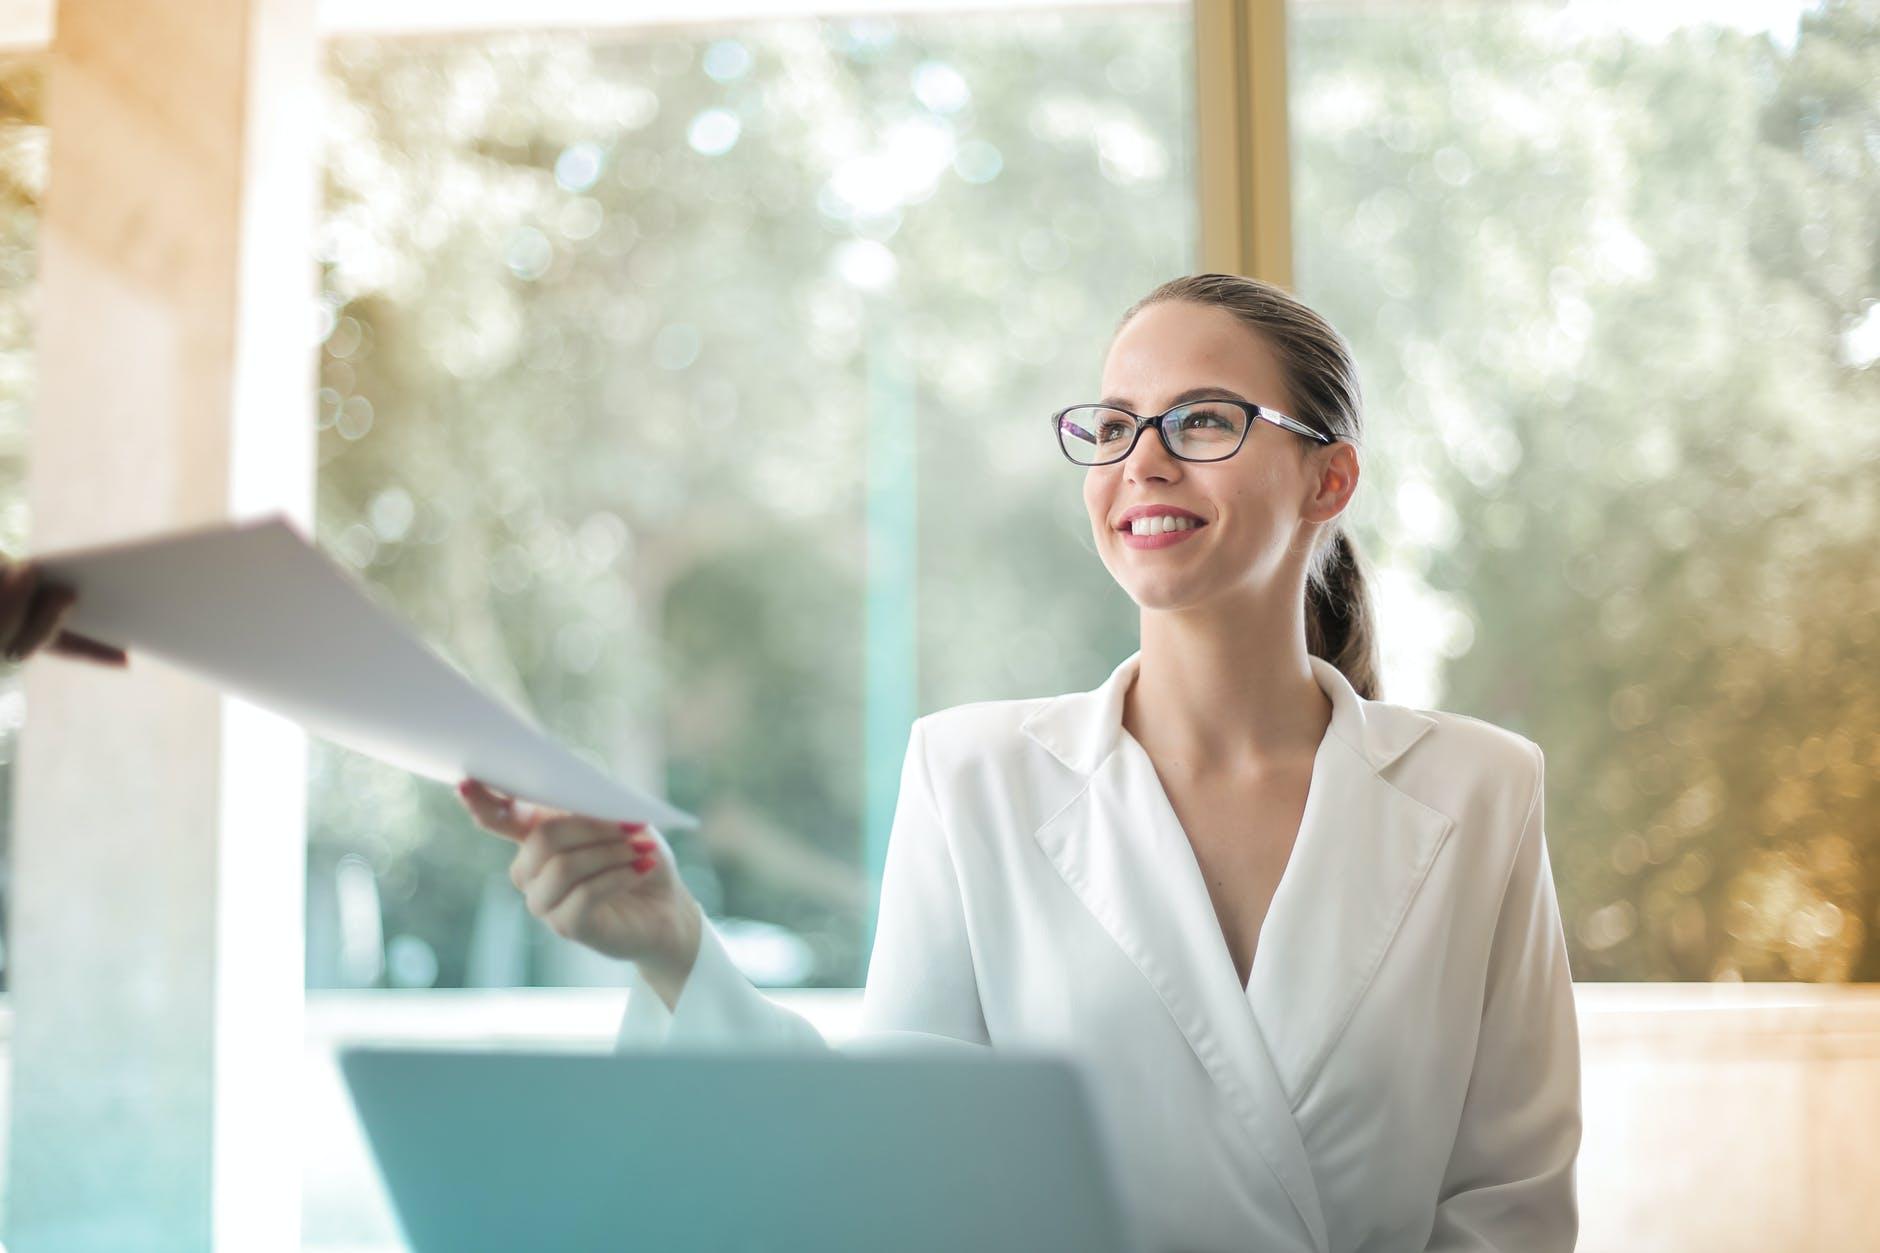 Como evitar que meu funcionário aprenda tudo e depois vire meu concorrente?